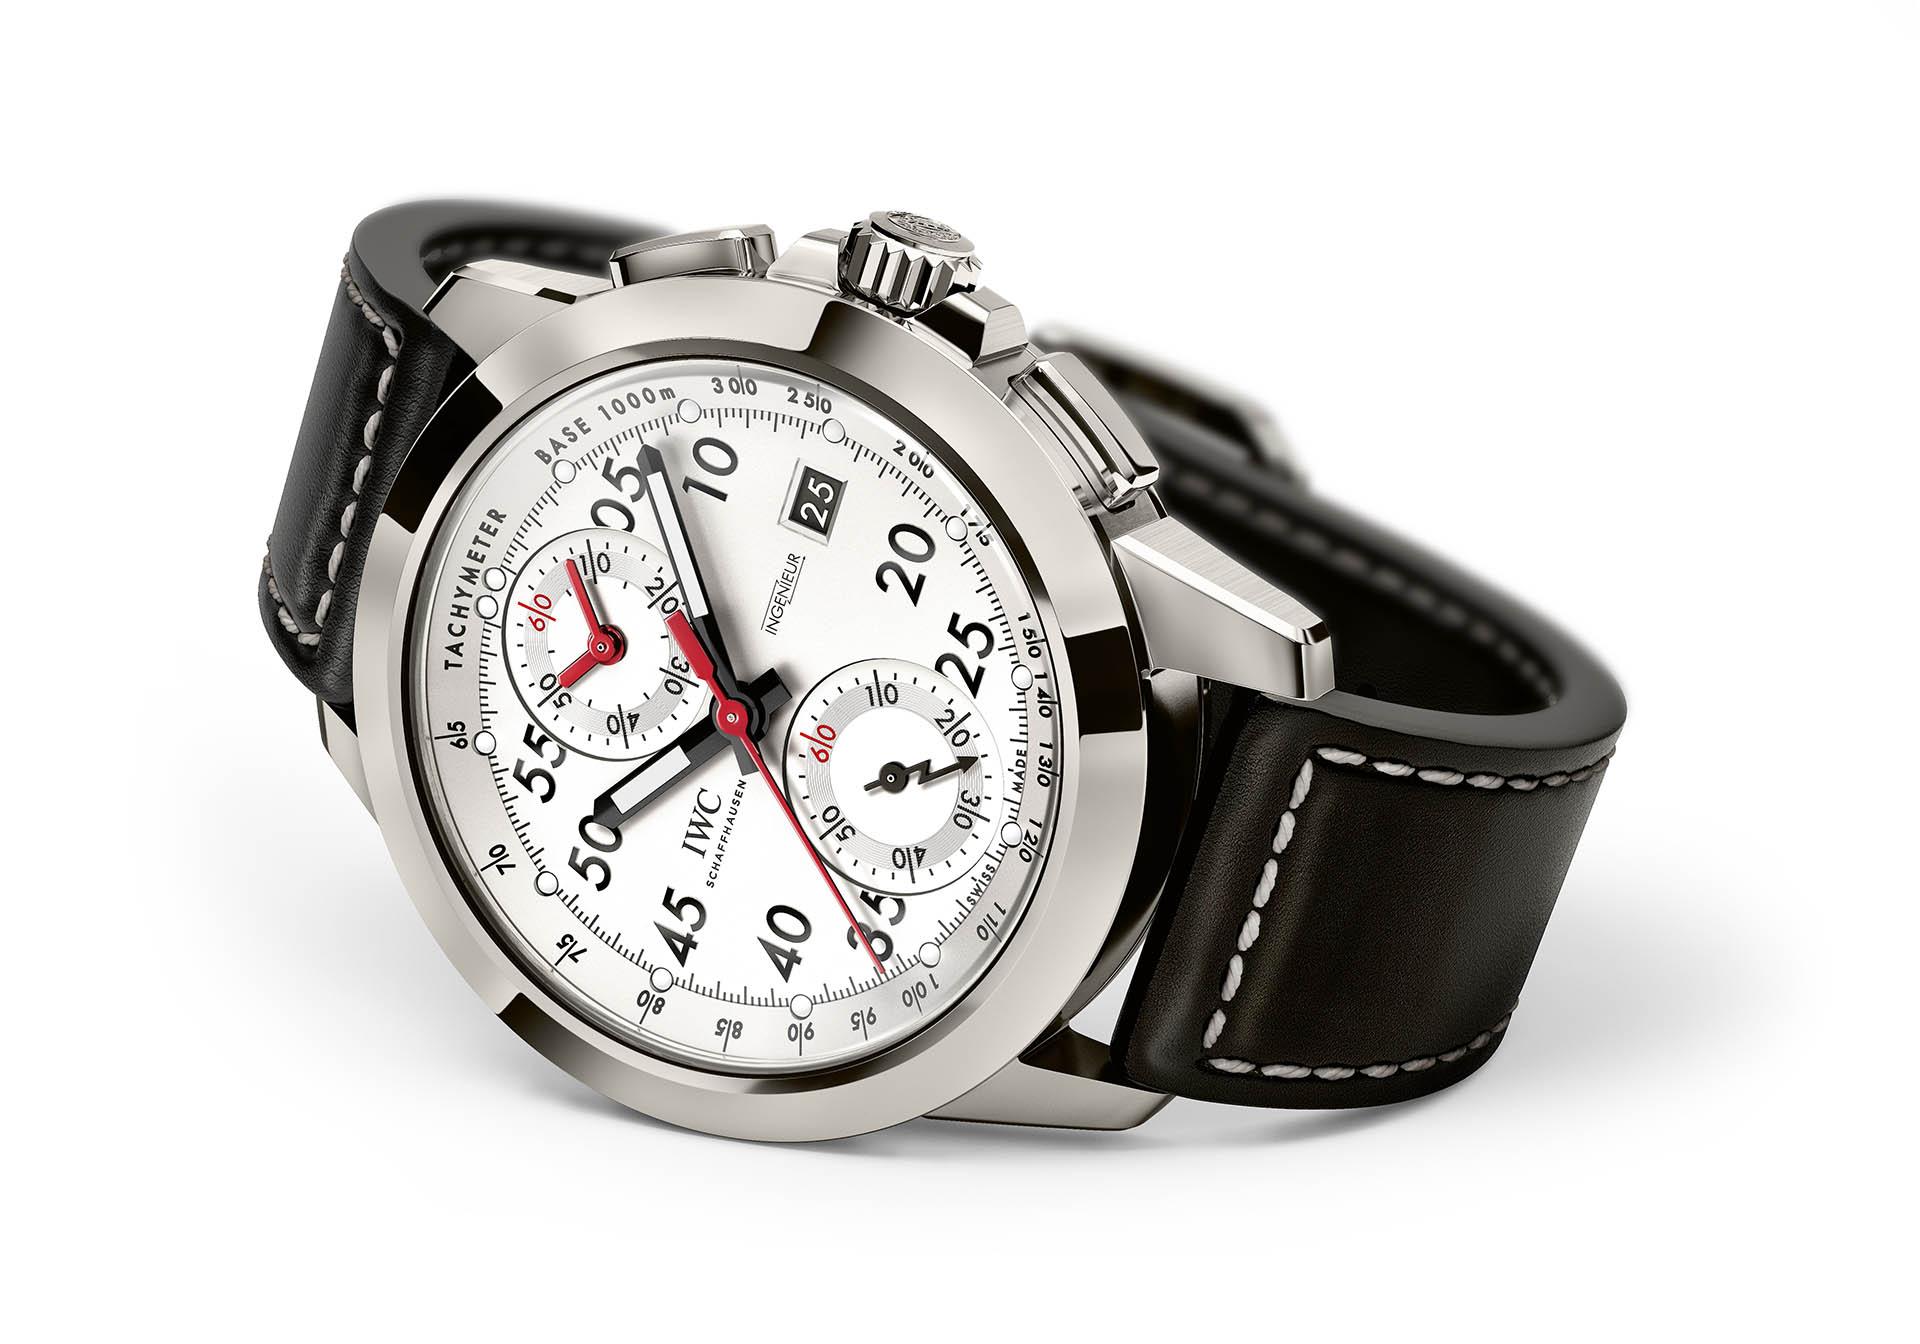 IWC Ingenieur Chronograph zum 50. Jubiläum von Mercedes-AMG